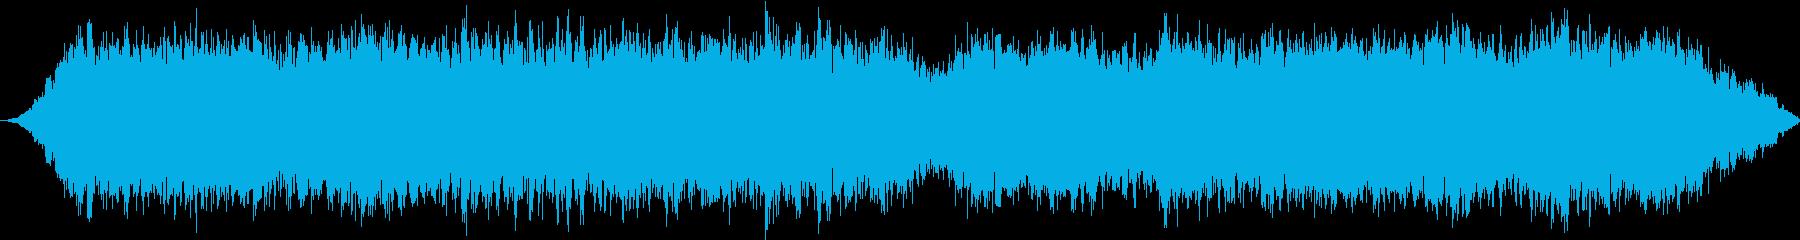 ケーブルカー発電所:コンスタントモ...の再生済みの波形